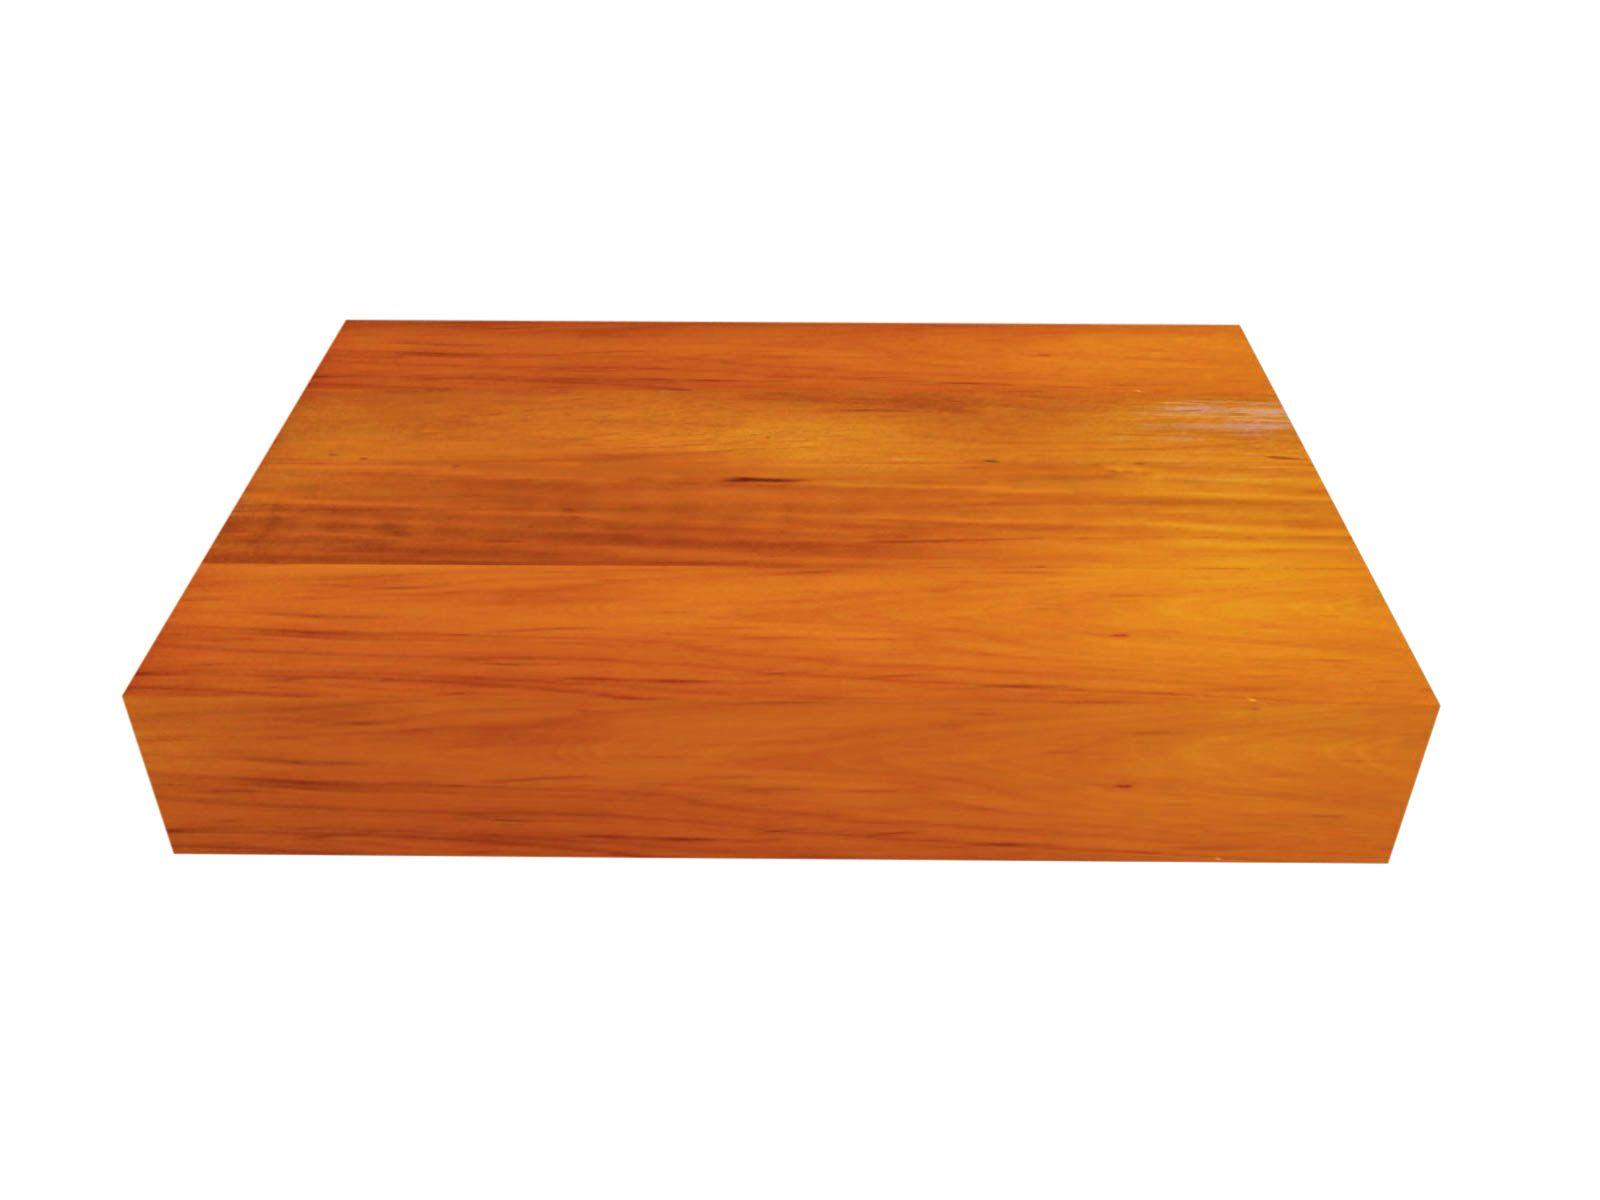 Bancada De Banheiro Em Madeira De Demolição Medindo 0,50 cm x 0,40 cm - Fabricamos Sob Medida!!